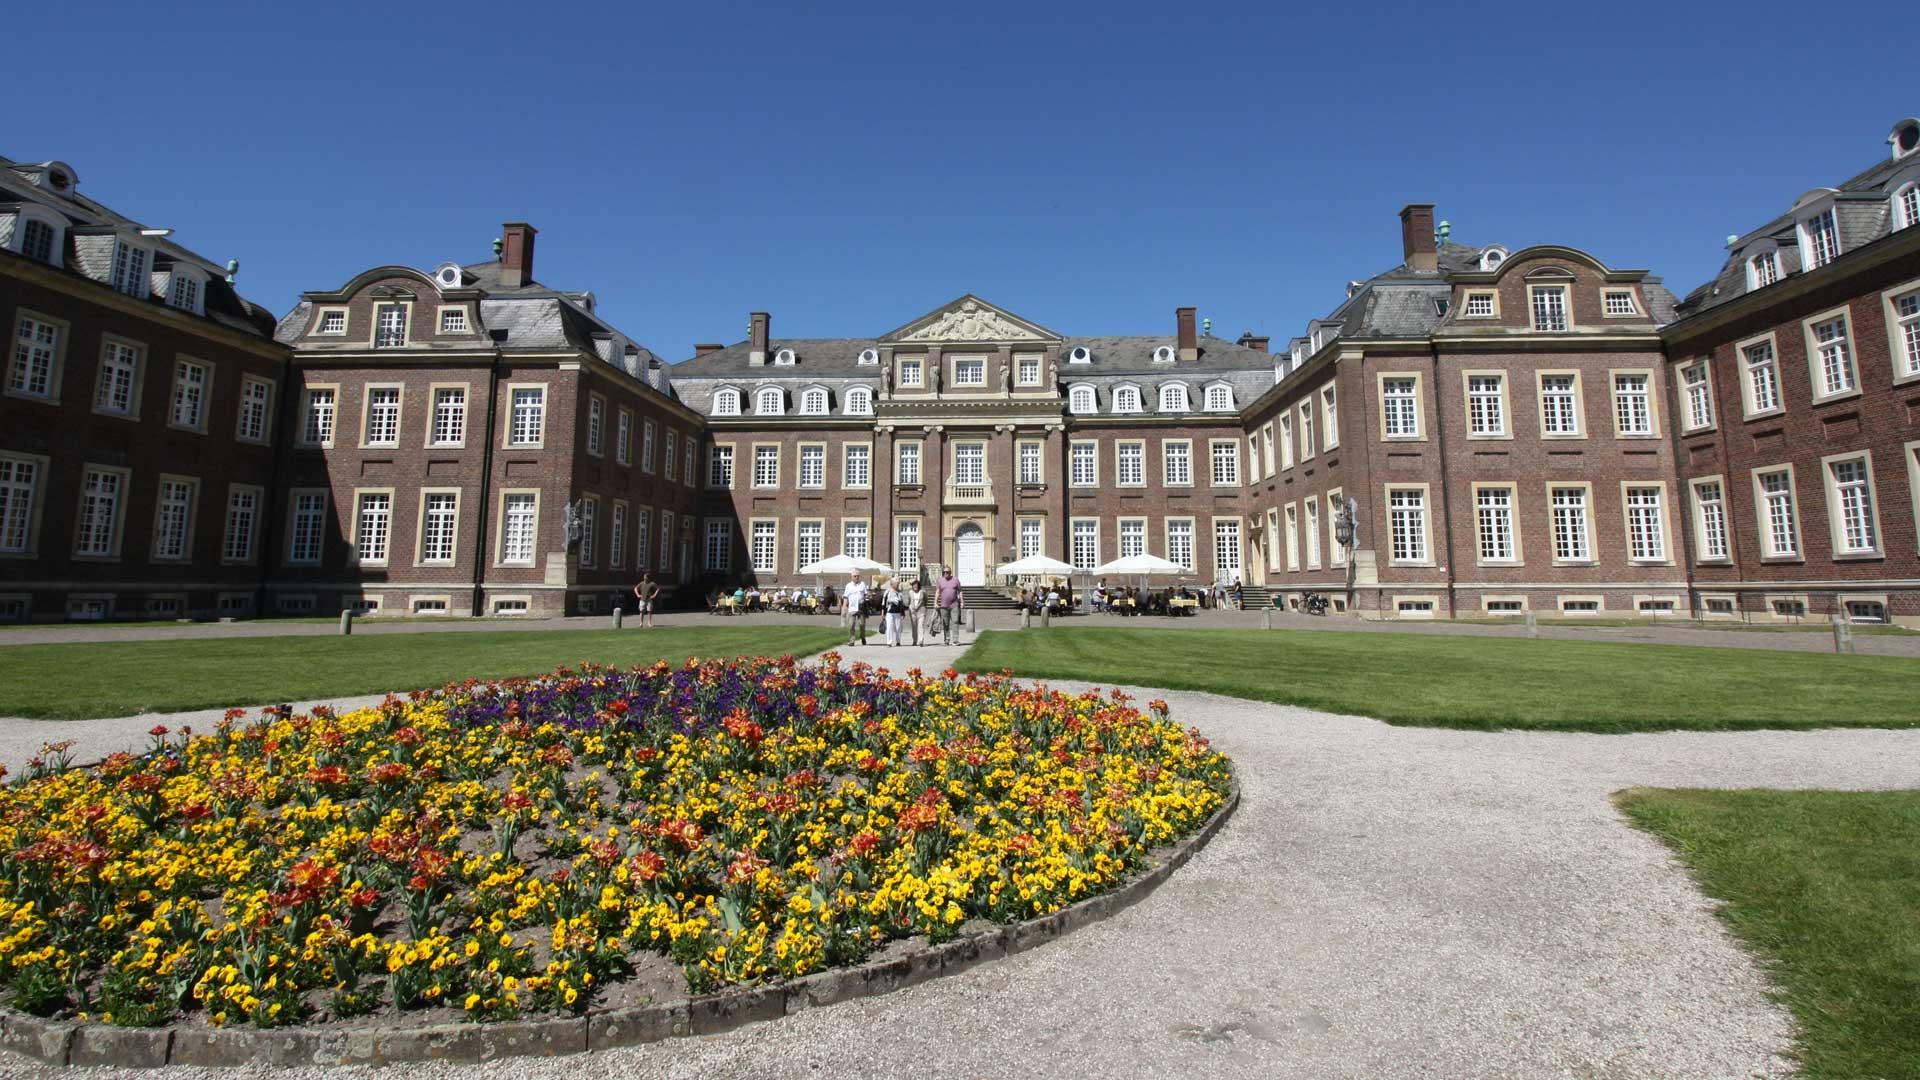 Schloss Nordkirchen wordt ook wel het Versailles van het Münsterland genoemd.